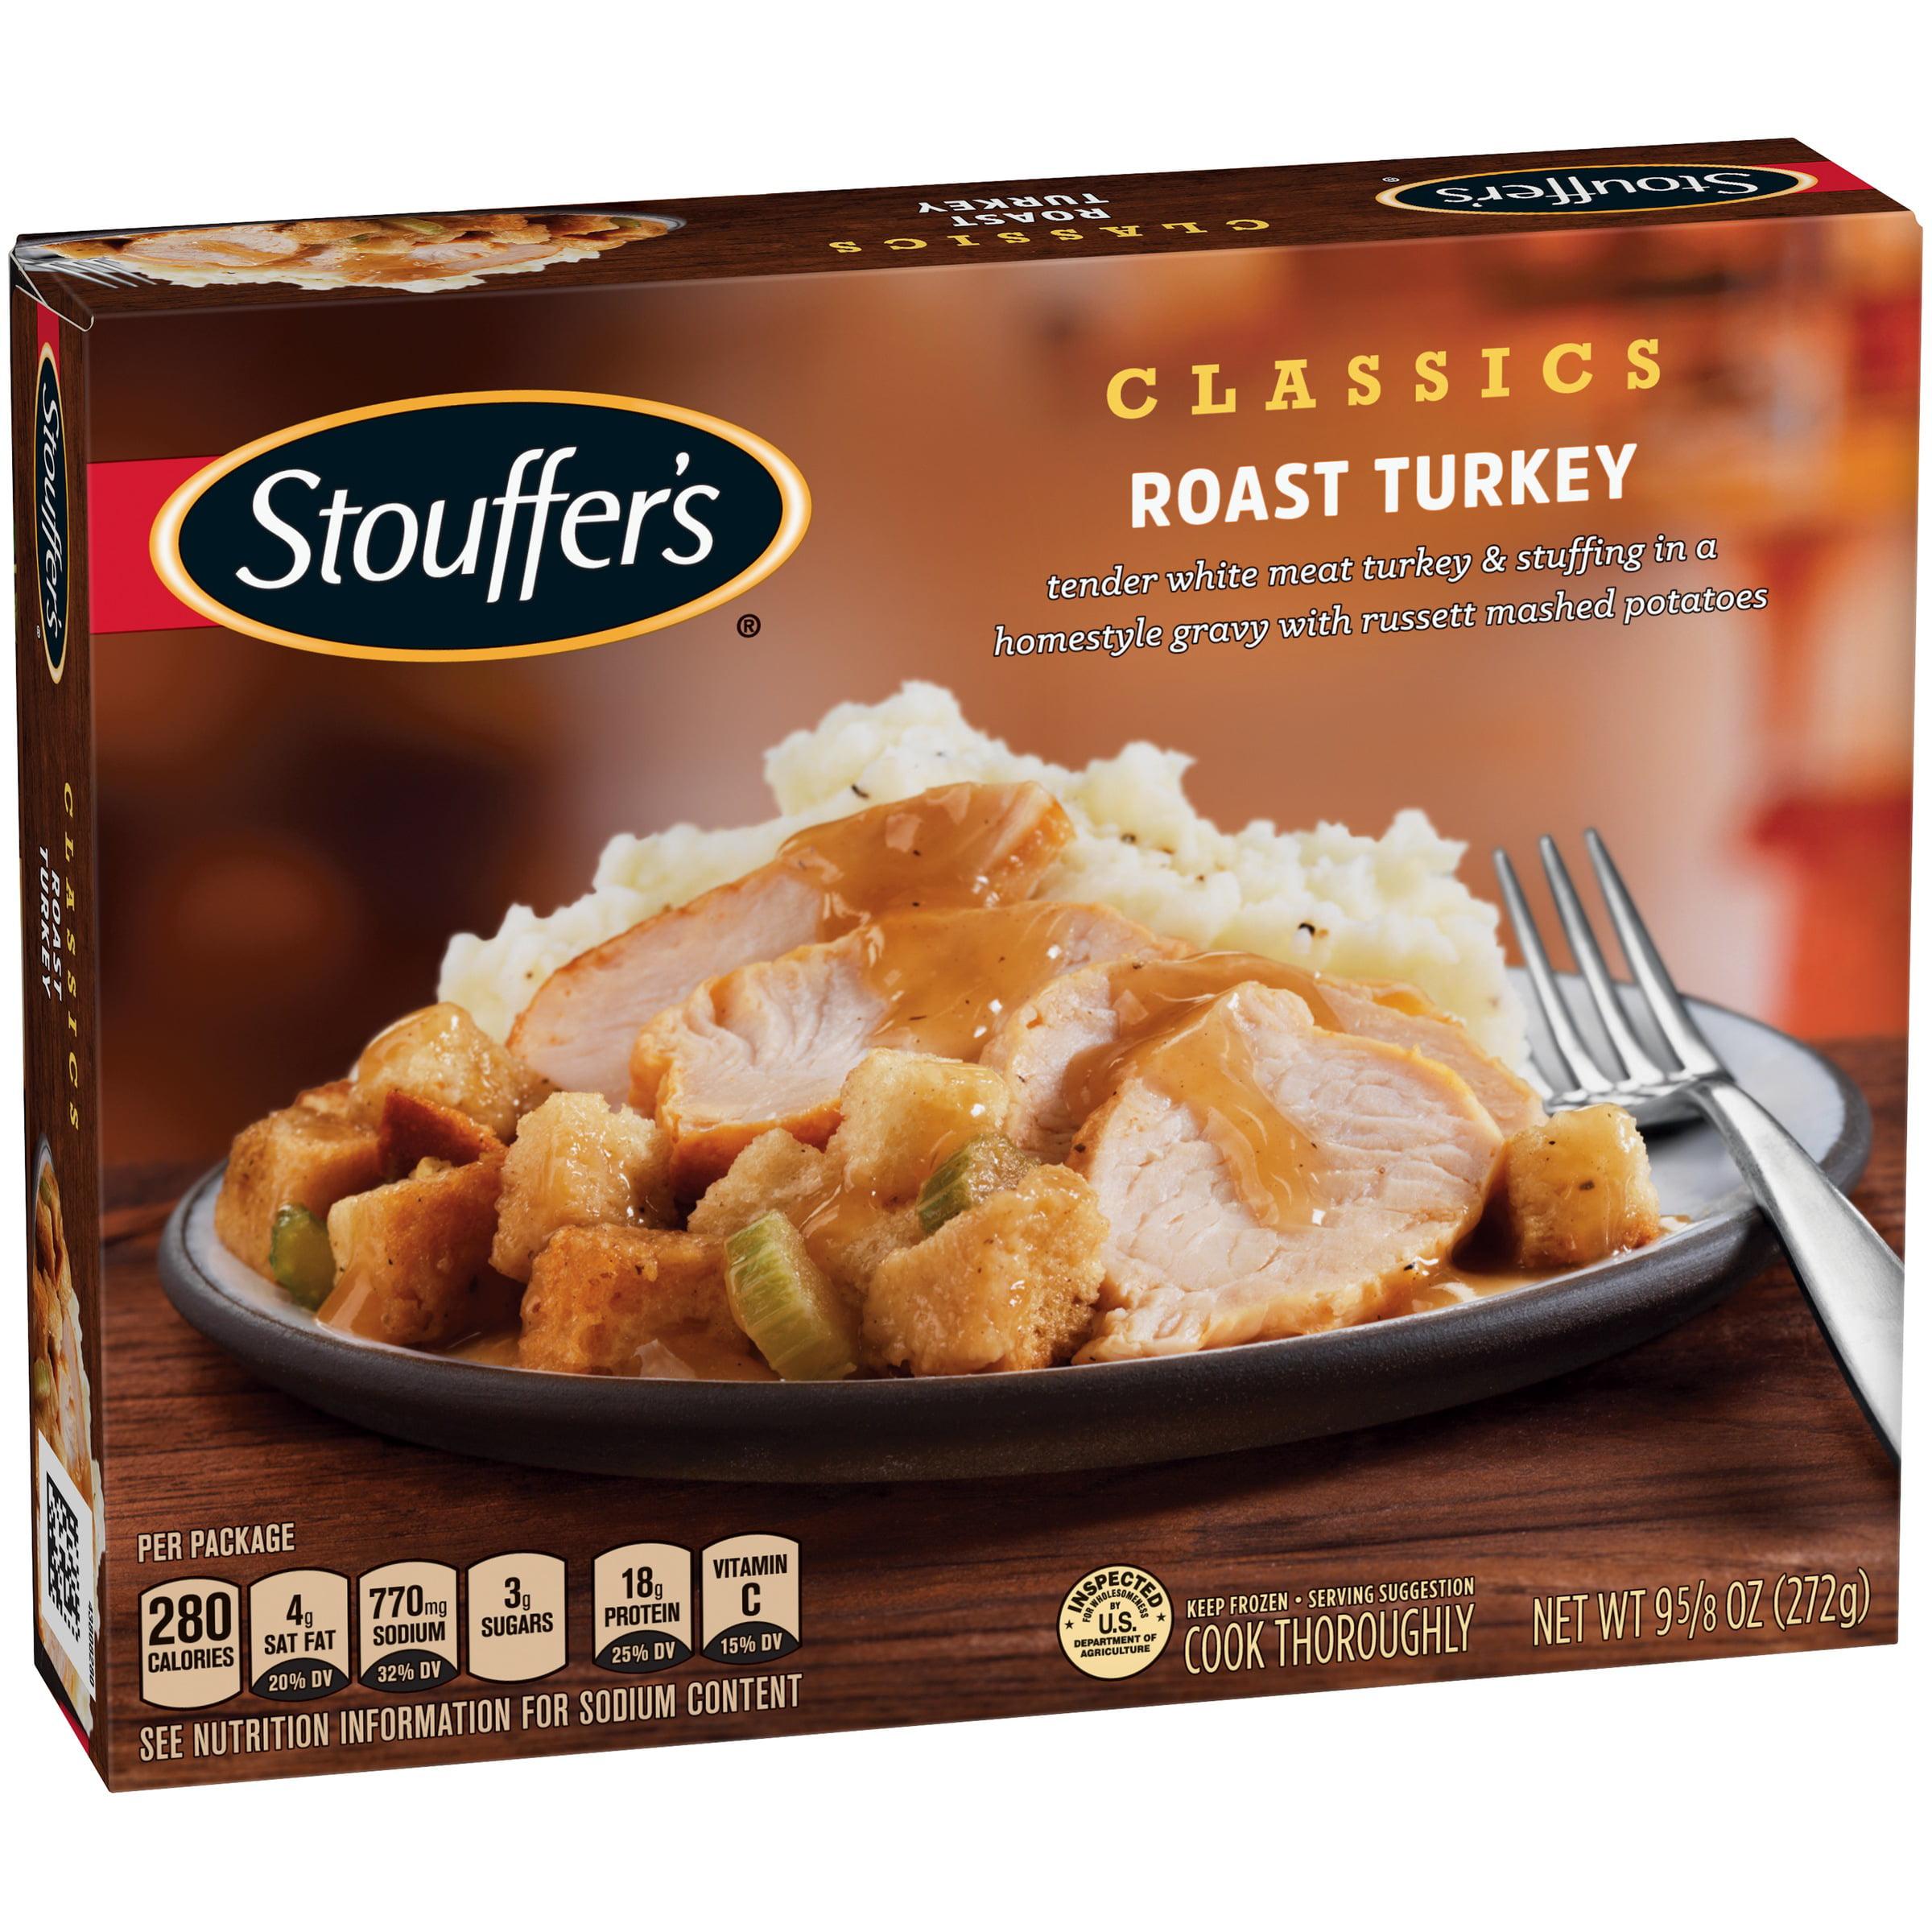 STOUFFER'S Classics Roast Turkey 9.625 oz Box